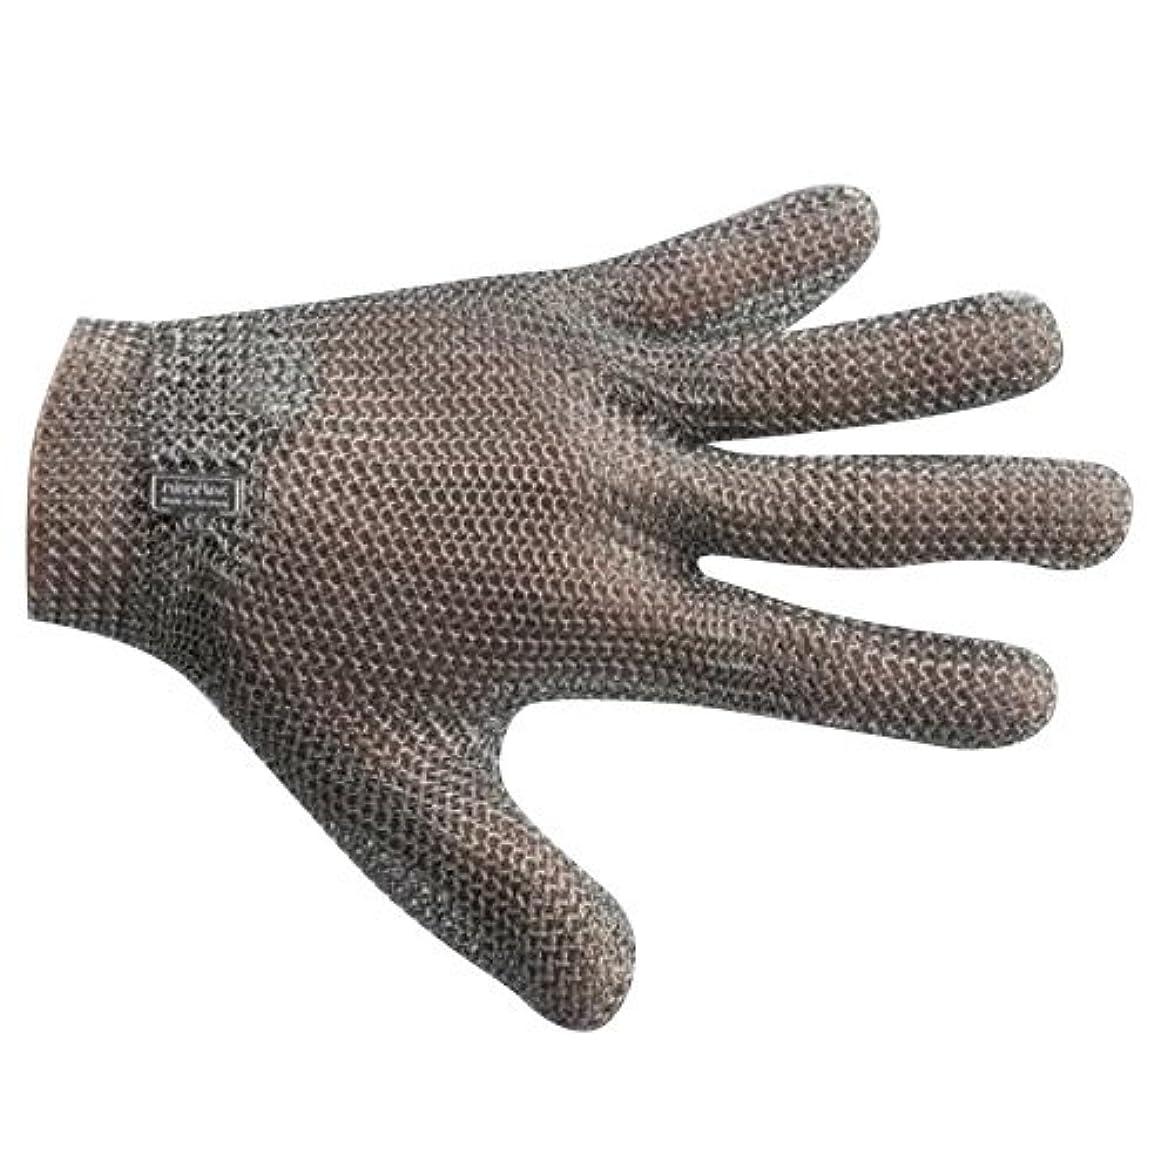 なるアンケートオズワルド宇都宮製作 GU-2500 ステンレスメッシュ手袋 5本指(左右兼用) S